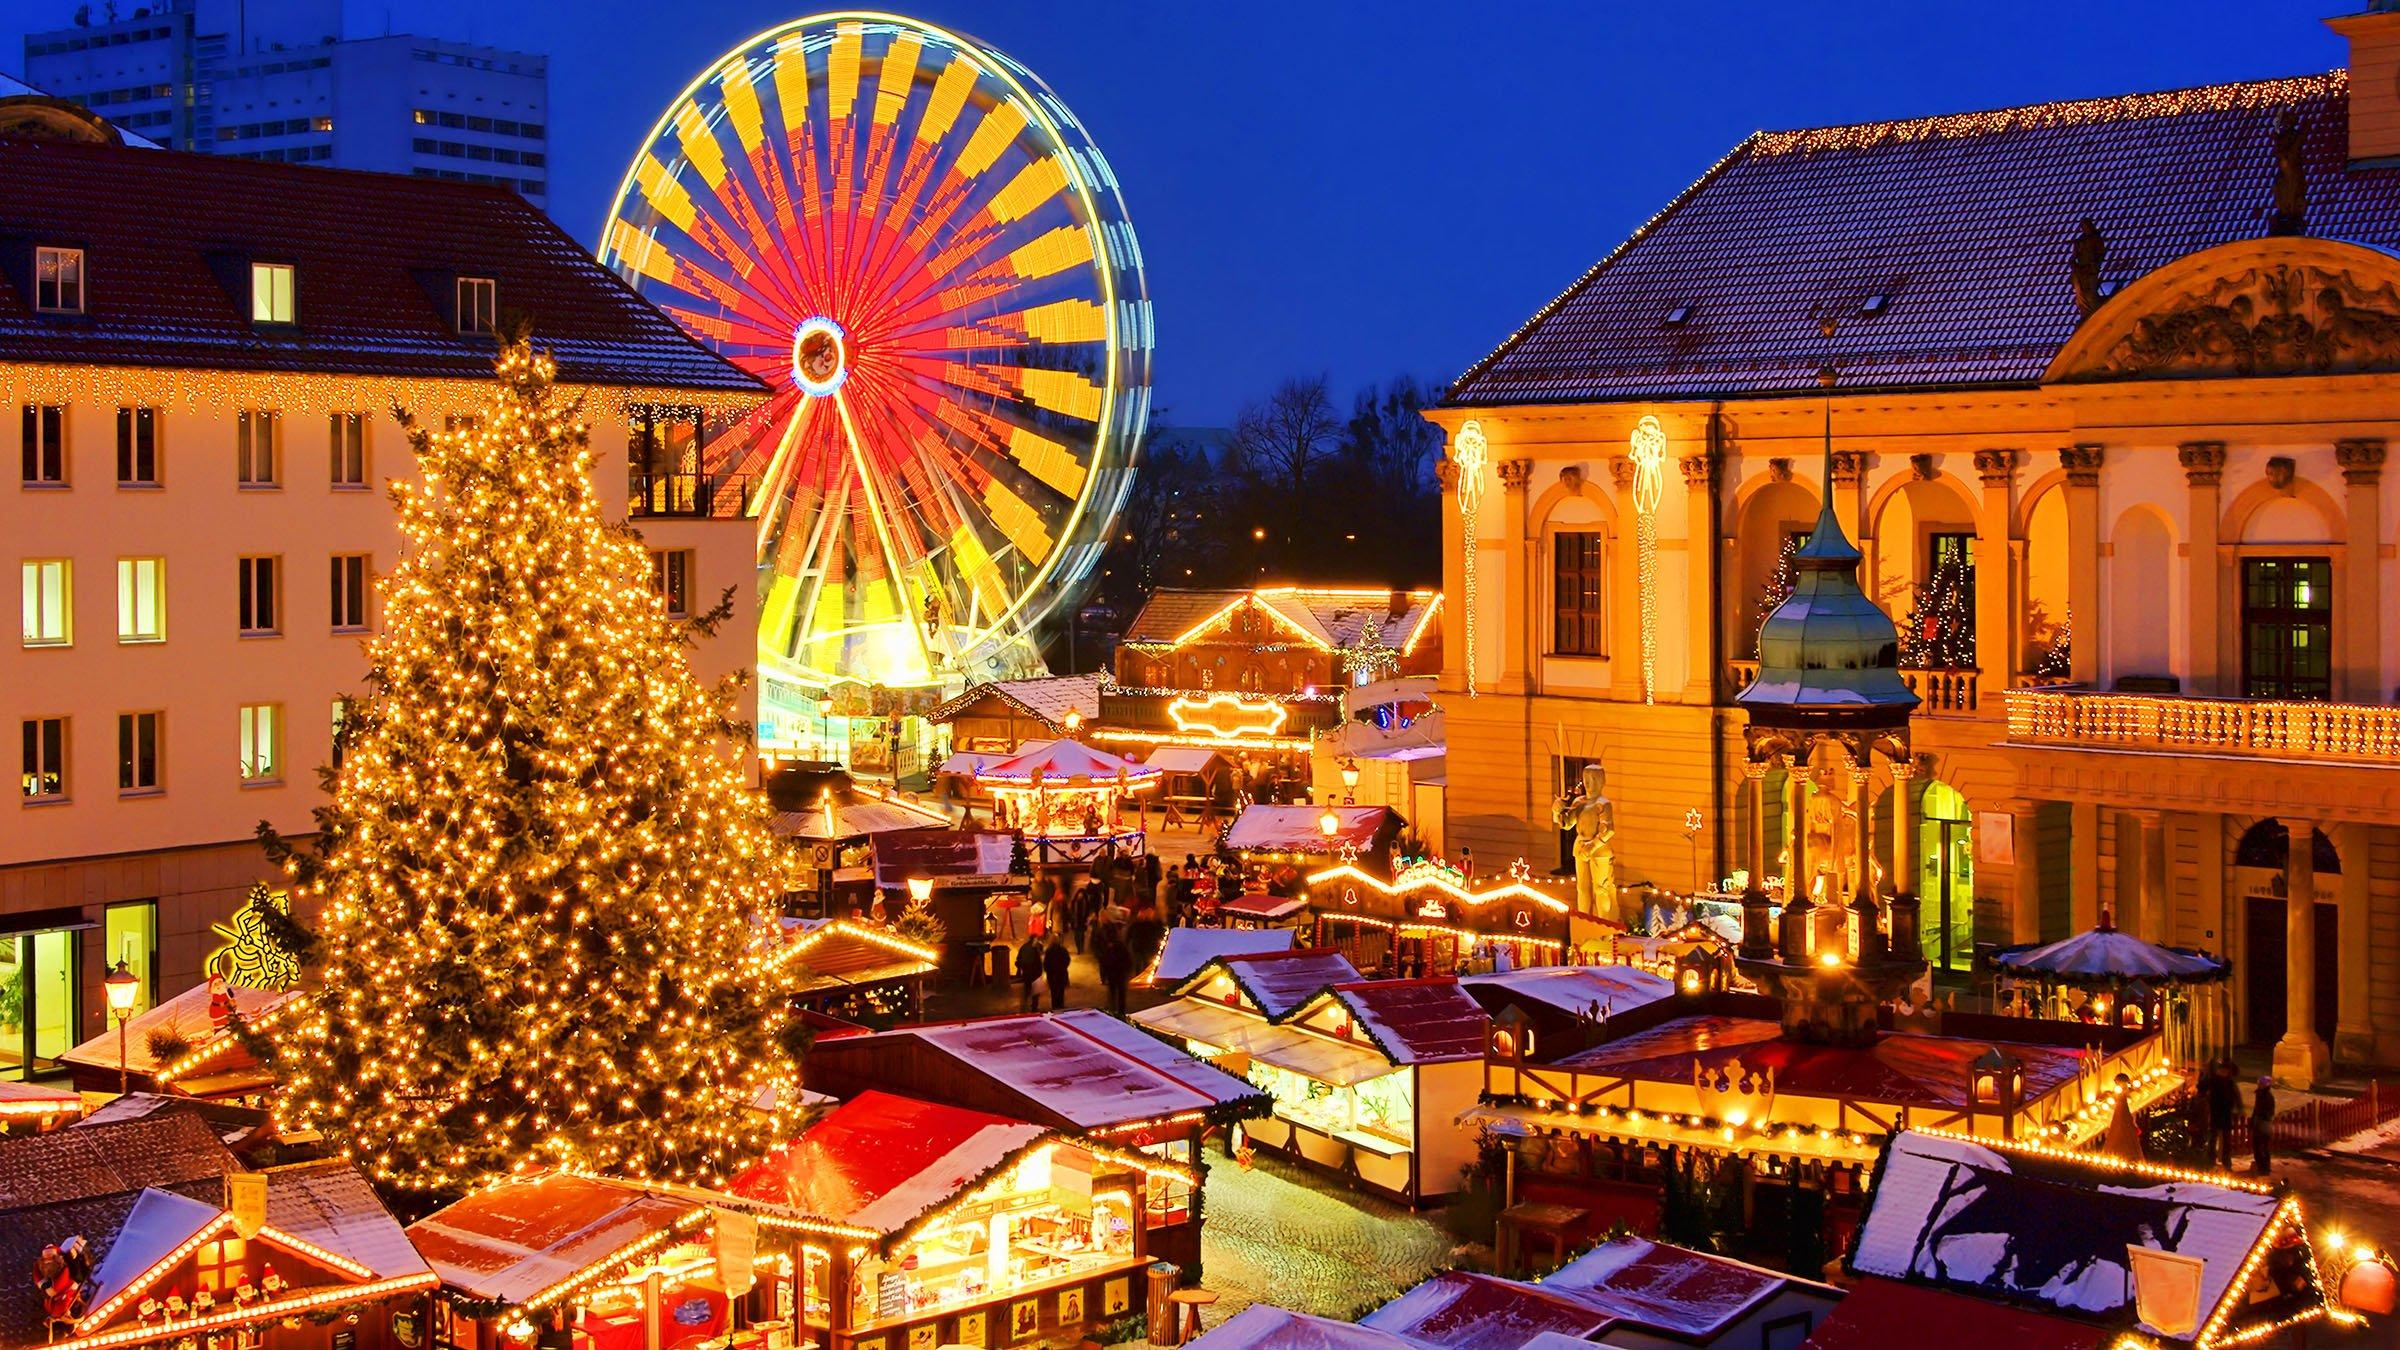 Tradiciones navide as en alemania - Costumbres navidenas en alemania ...